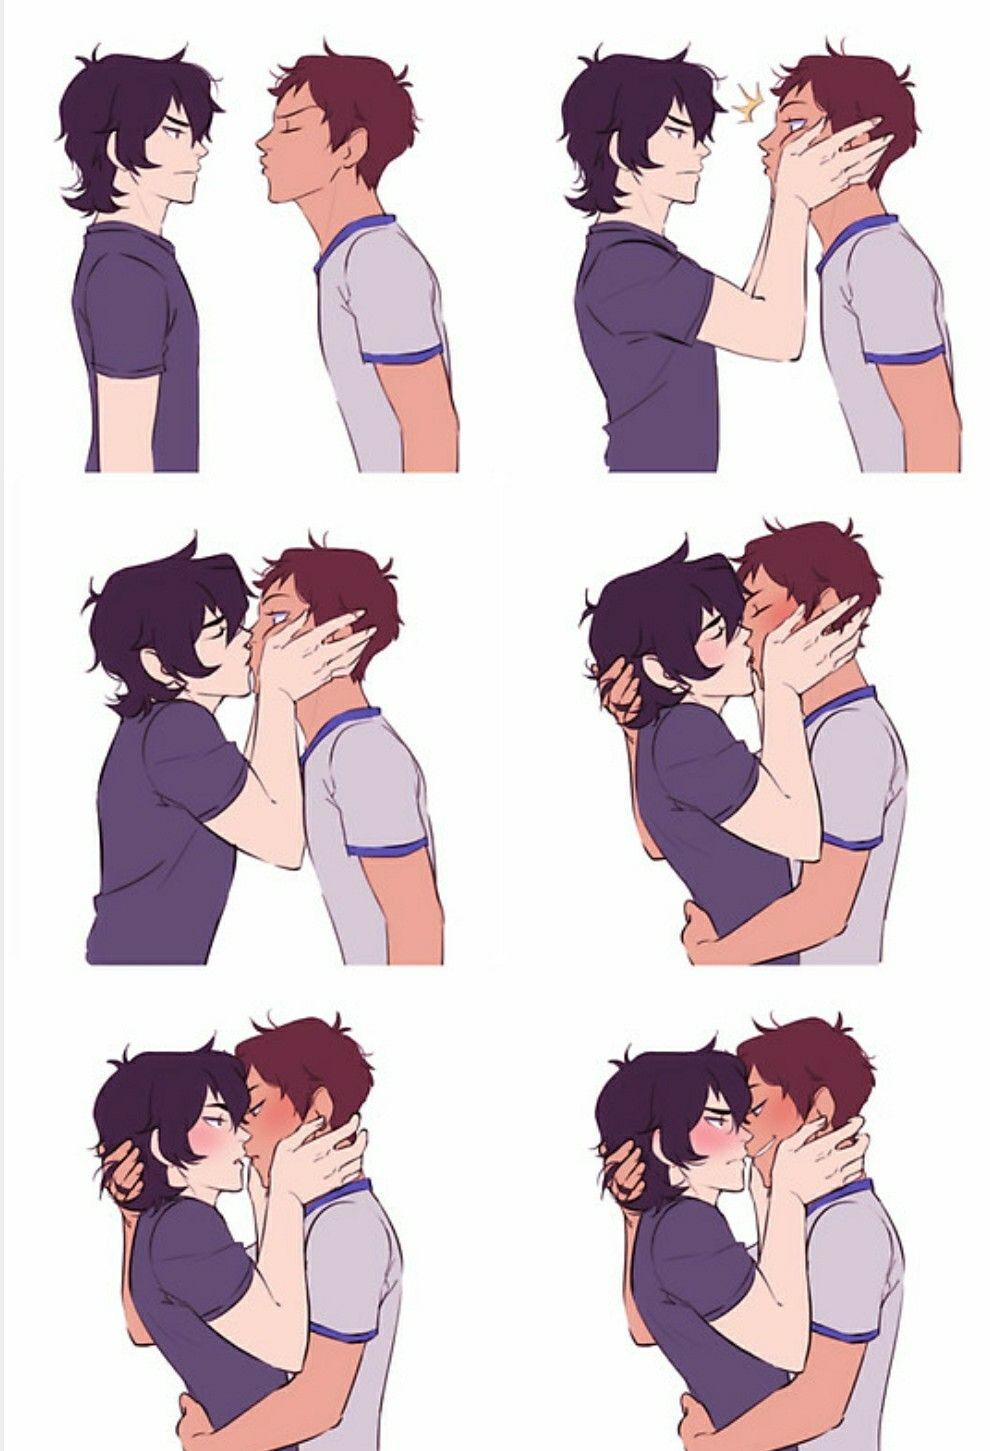 Klance Voltron kiss | Voltron | Klance, Klance comics, Voltron klance